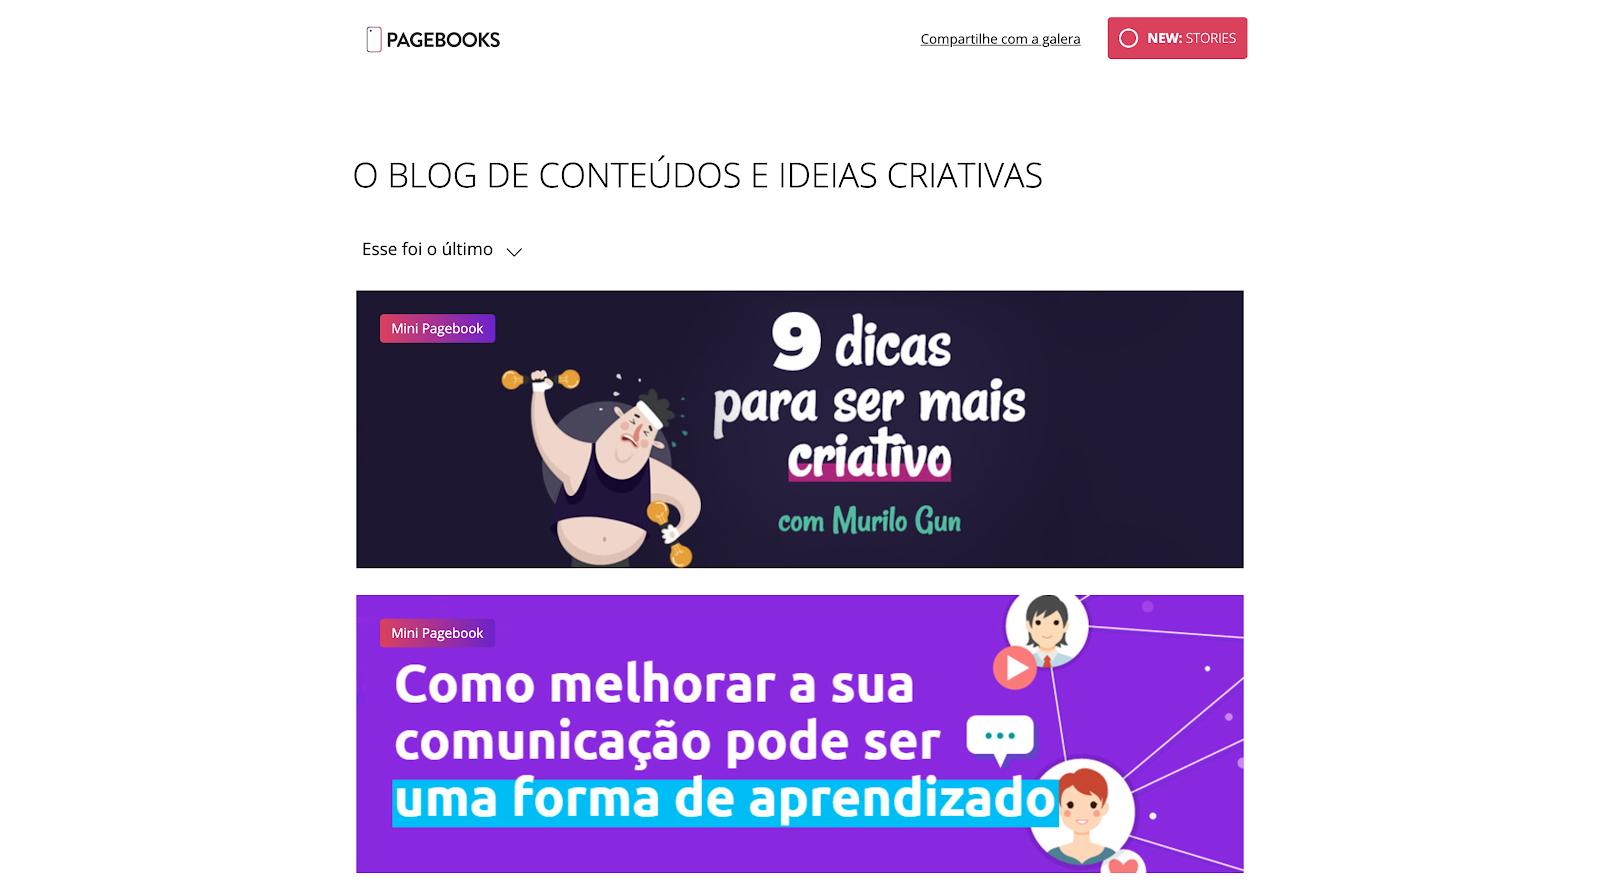 pagebooks blog